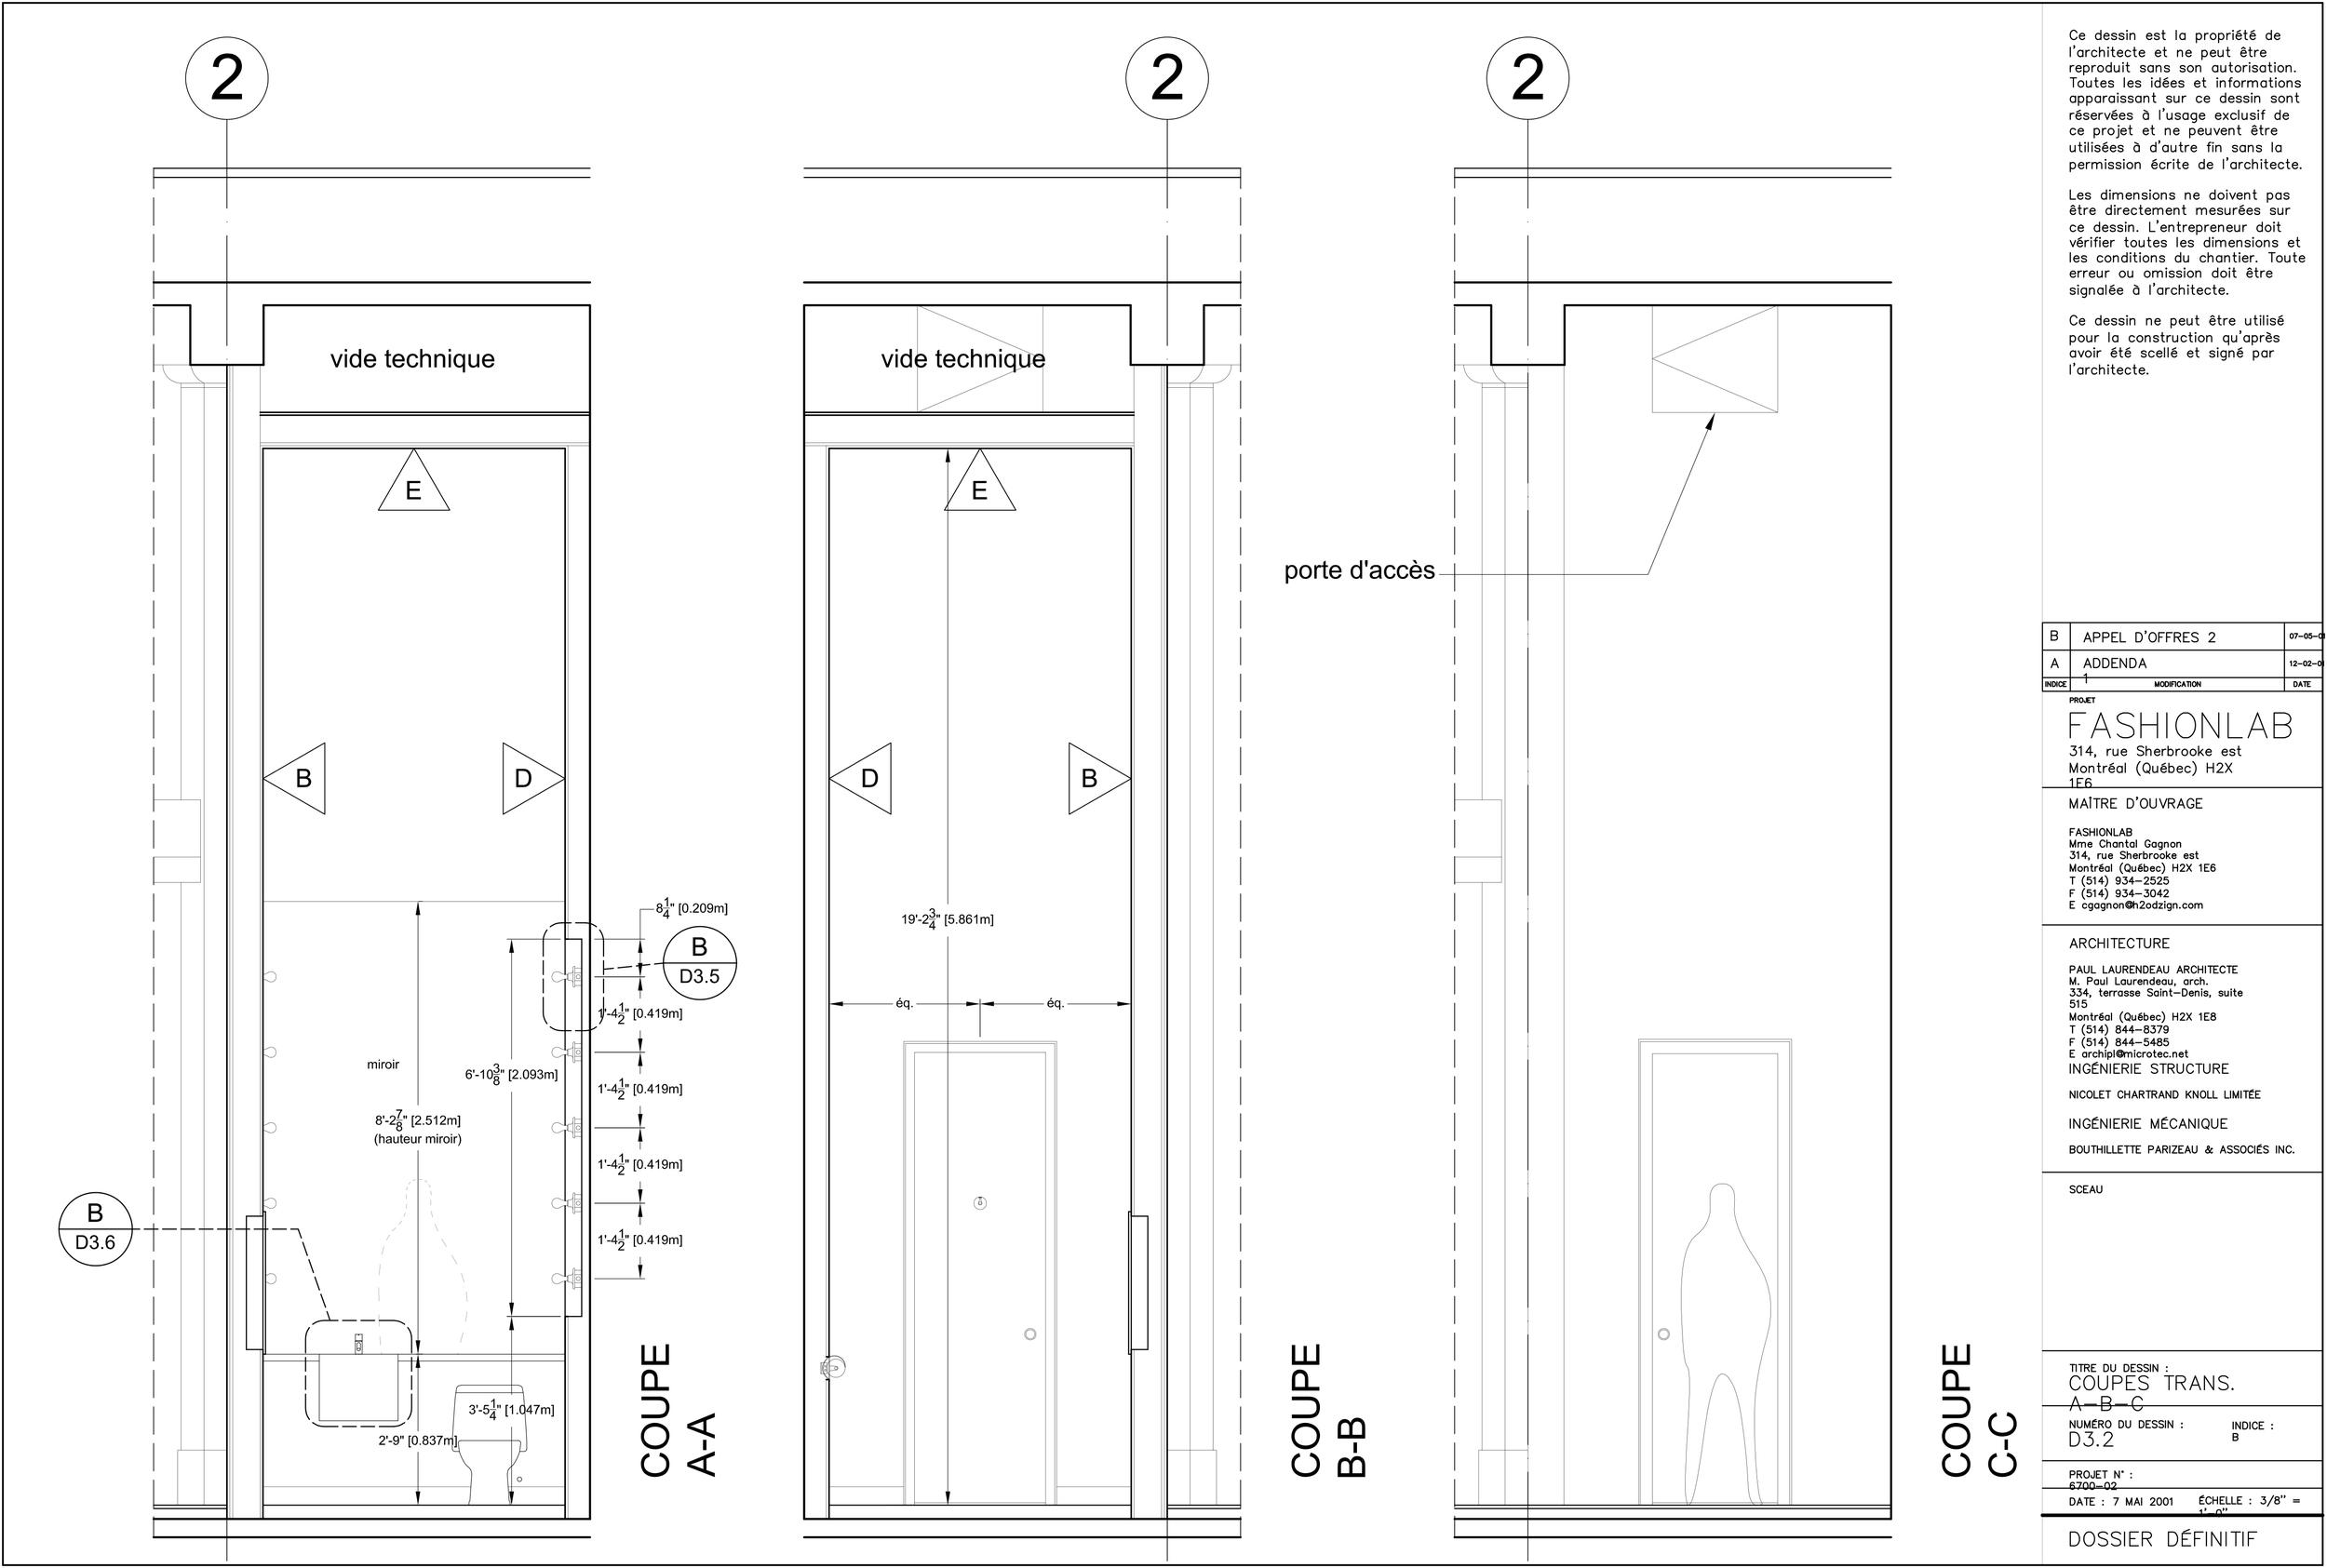 Dessin montrant la hauteur des deux toilettes avec un plafond à 5.9 mètres du plancher.